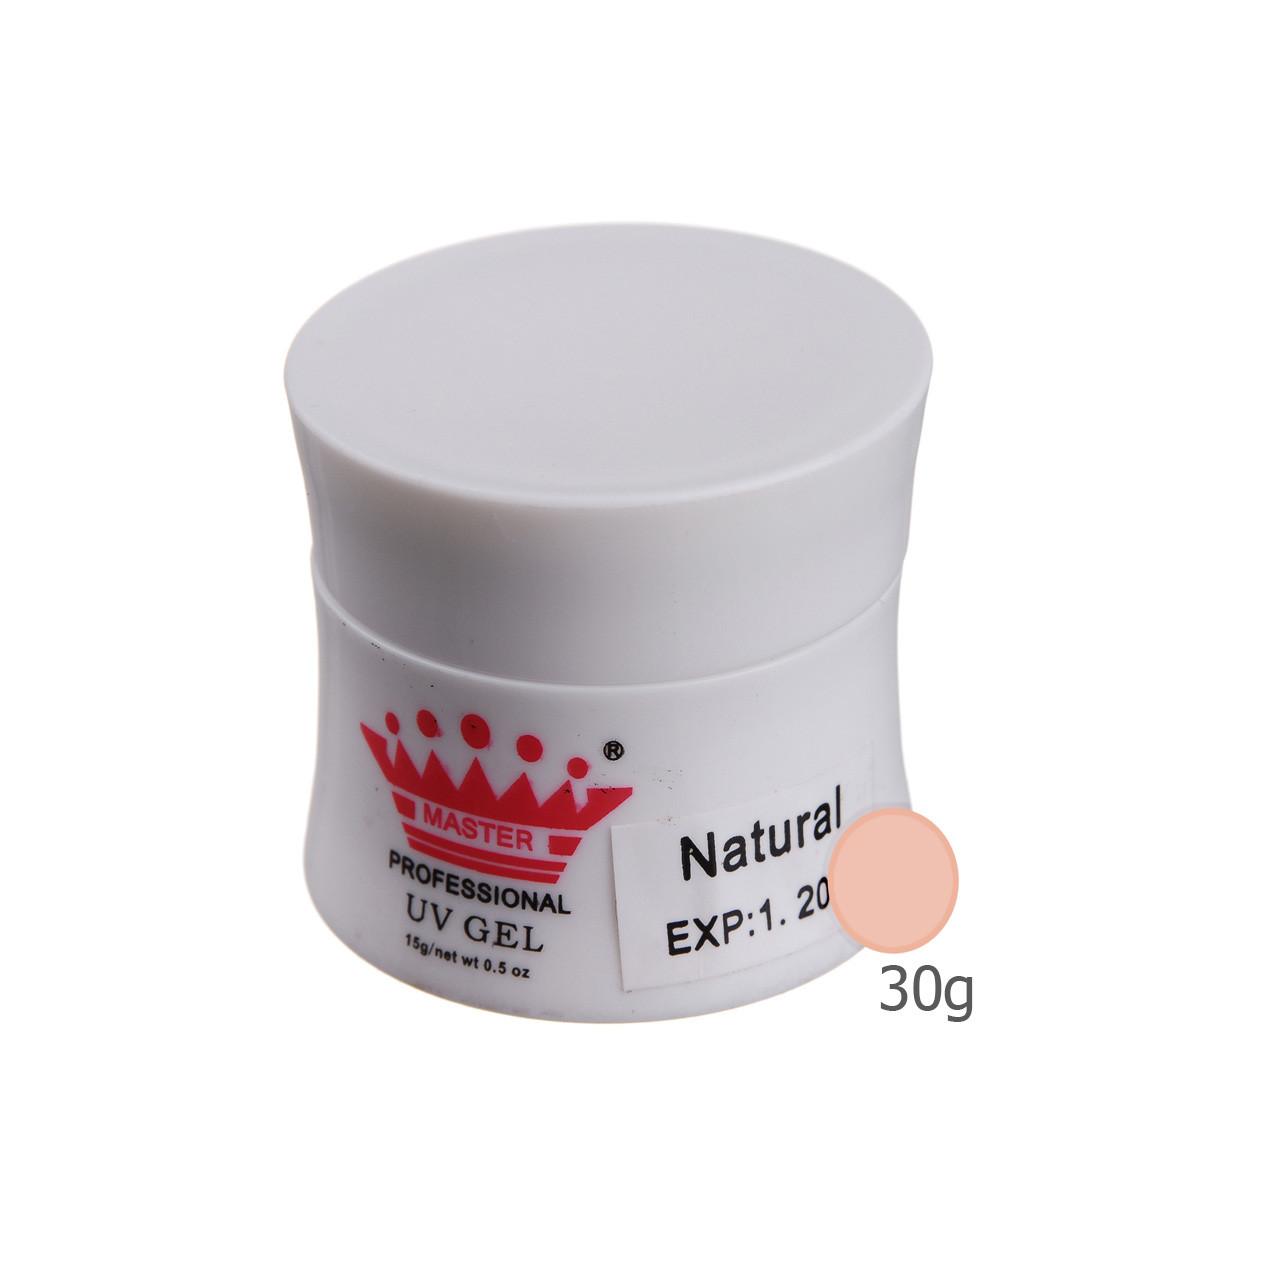 Гель для наращивания Master Professional UV Gel Natural 30g